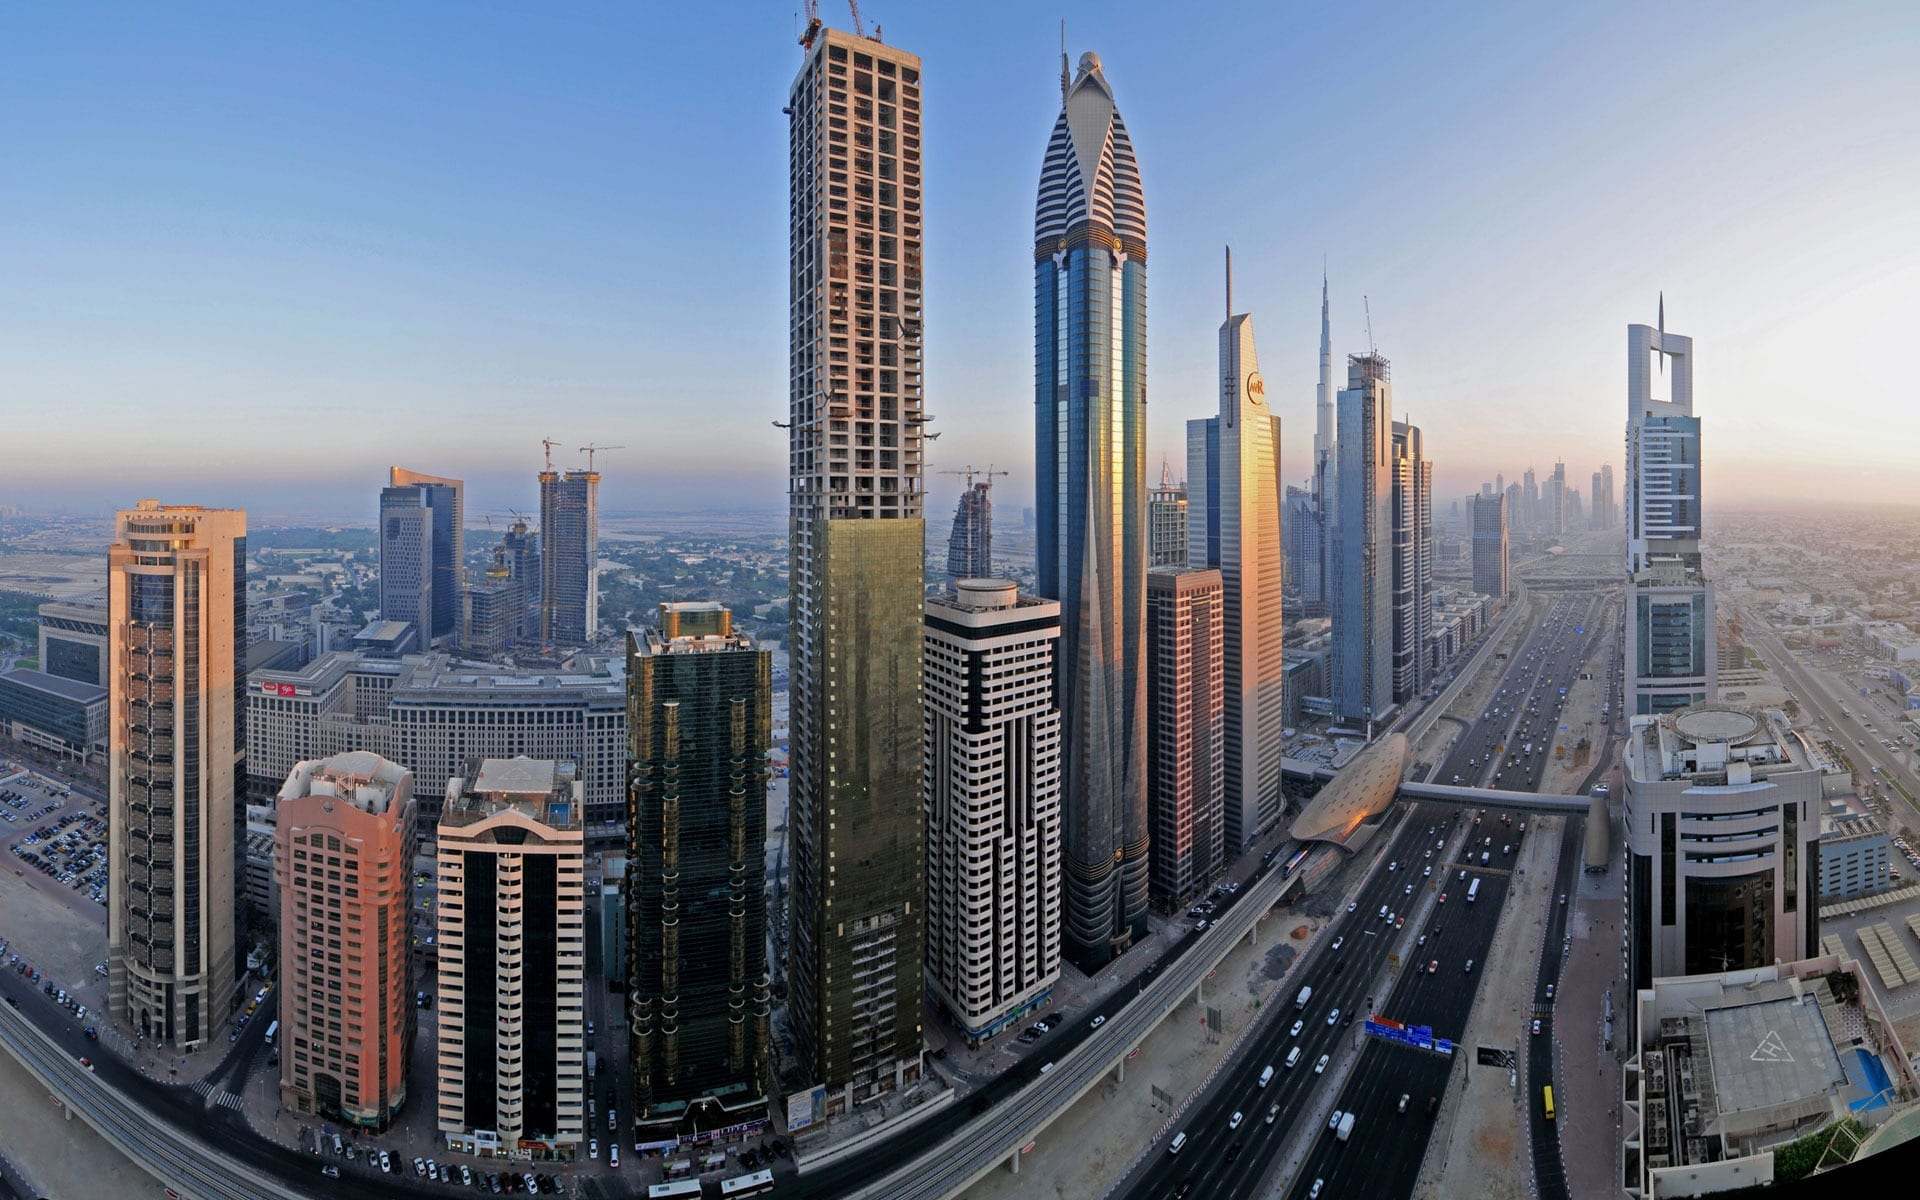 edificios y construcción vocabulario en inglés